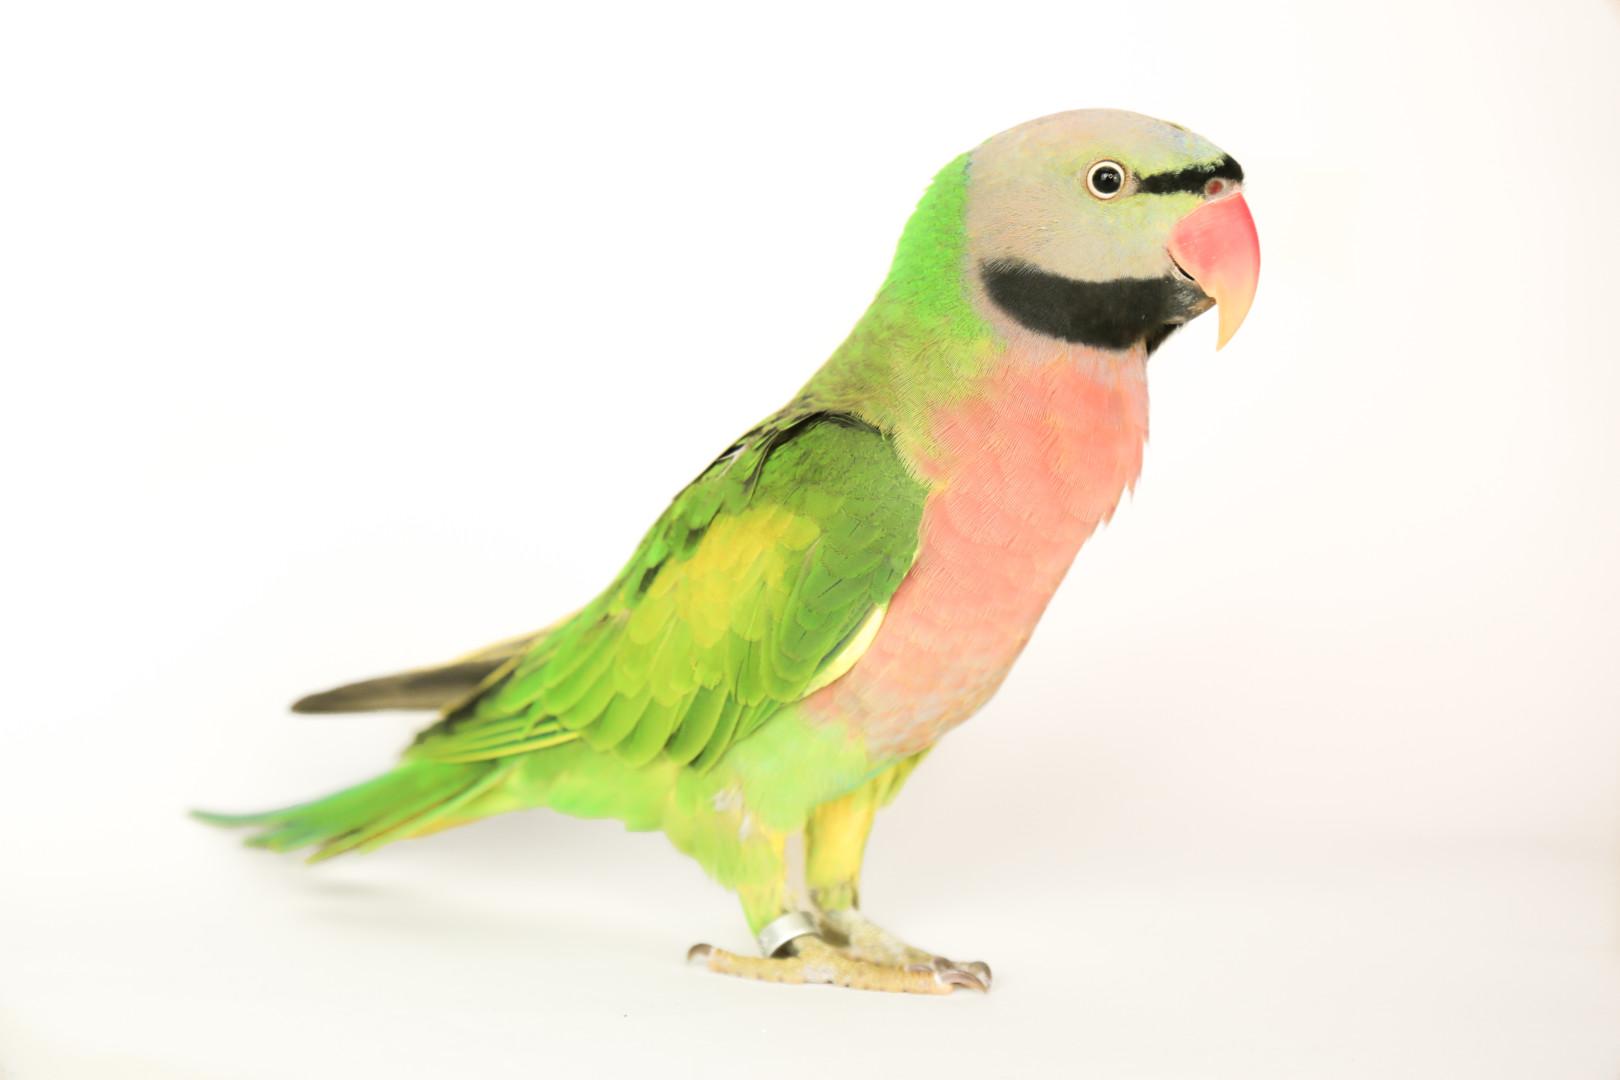 Lost Bird (Los Angeles, California) - Picasso